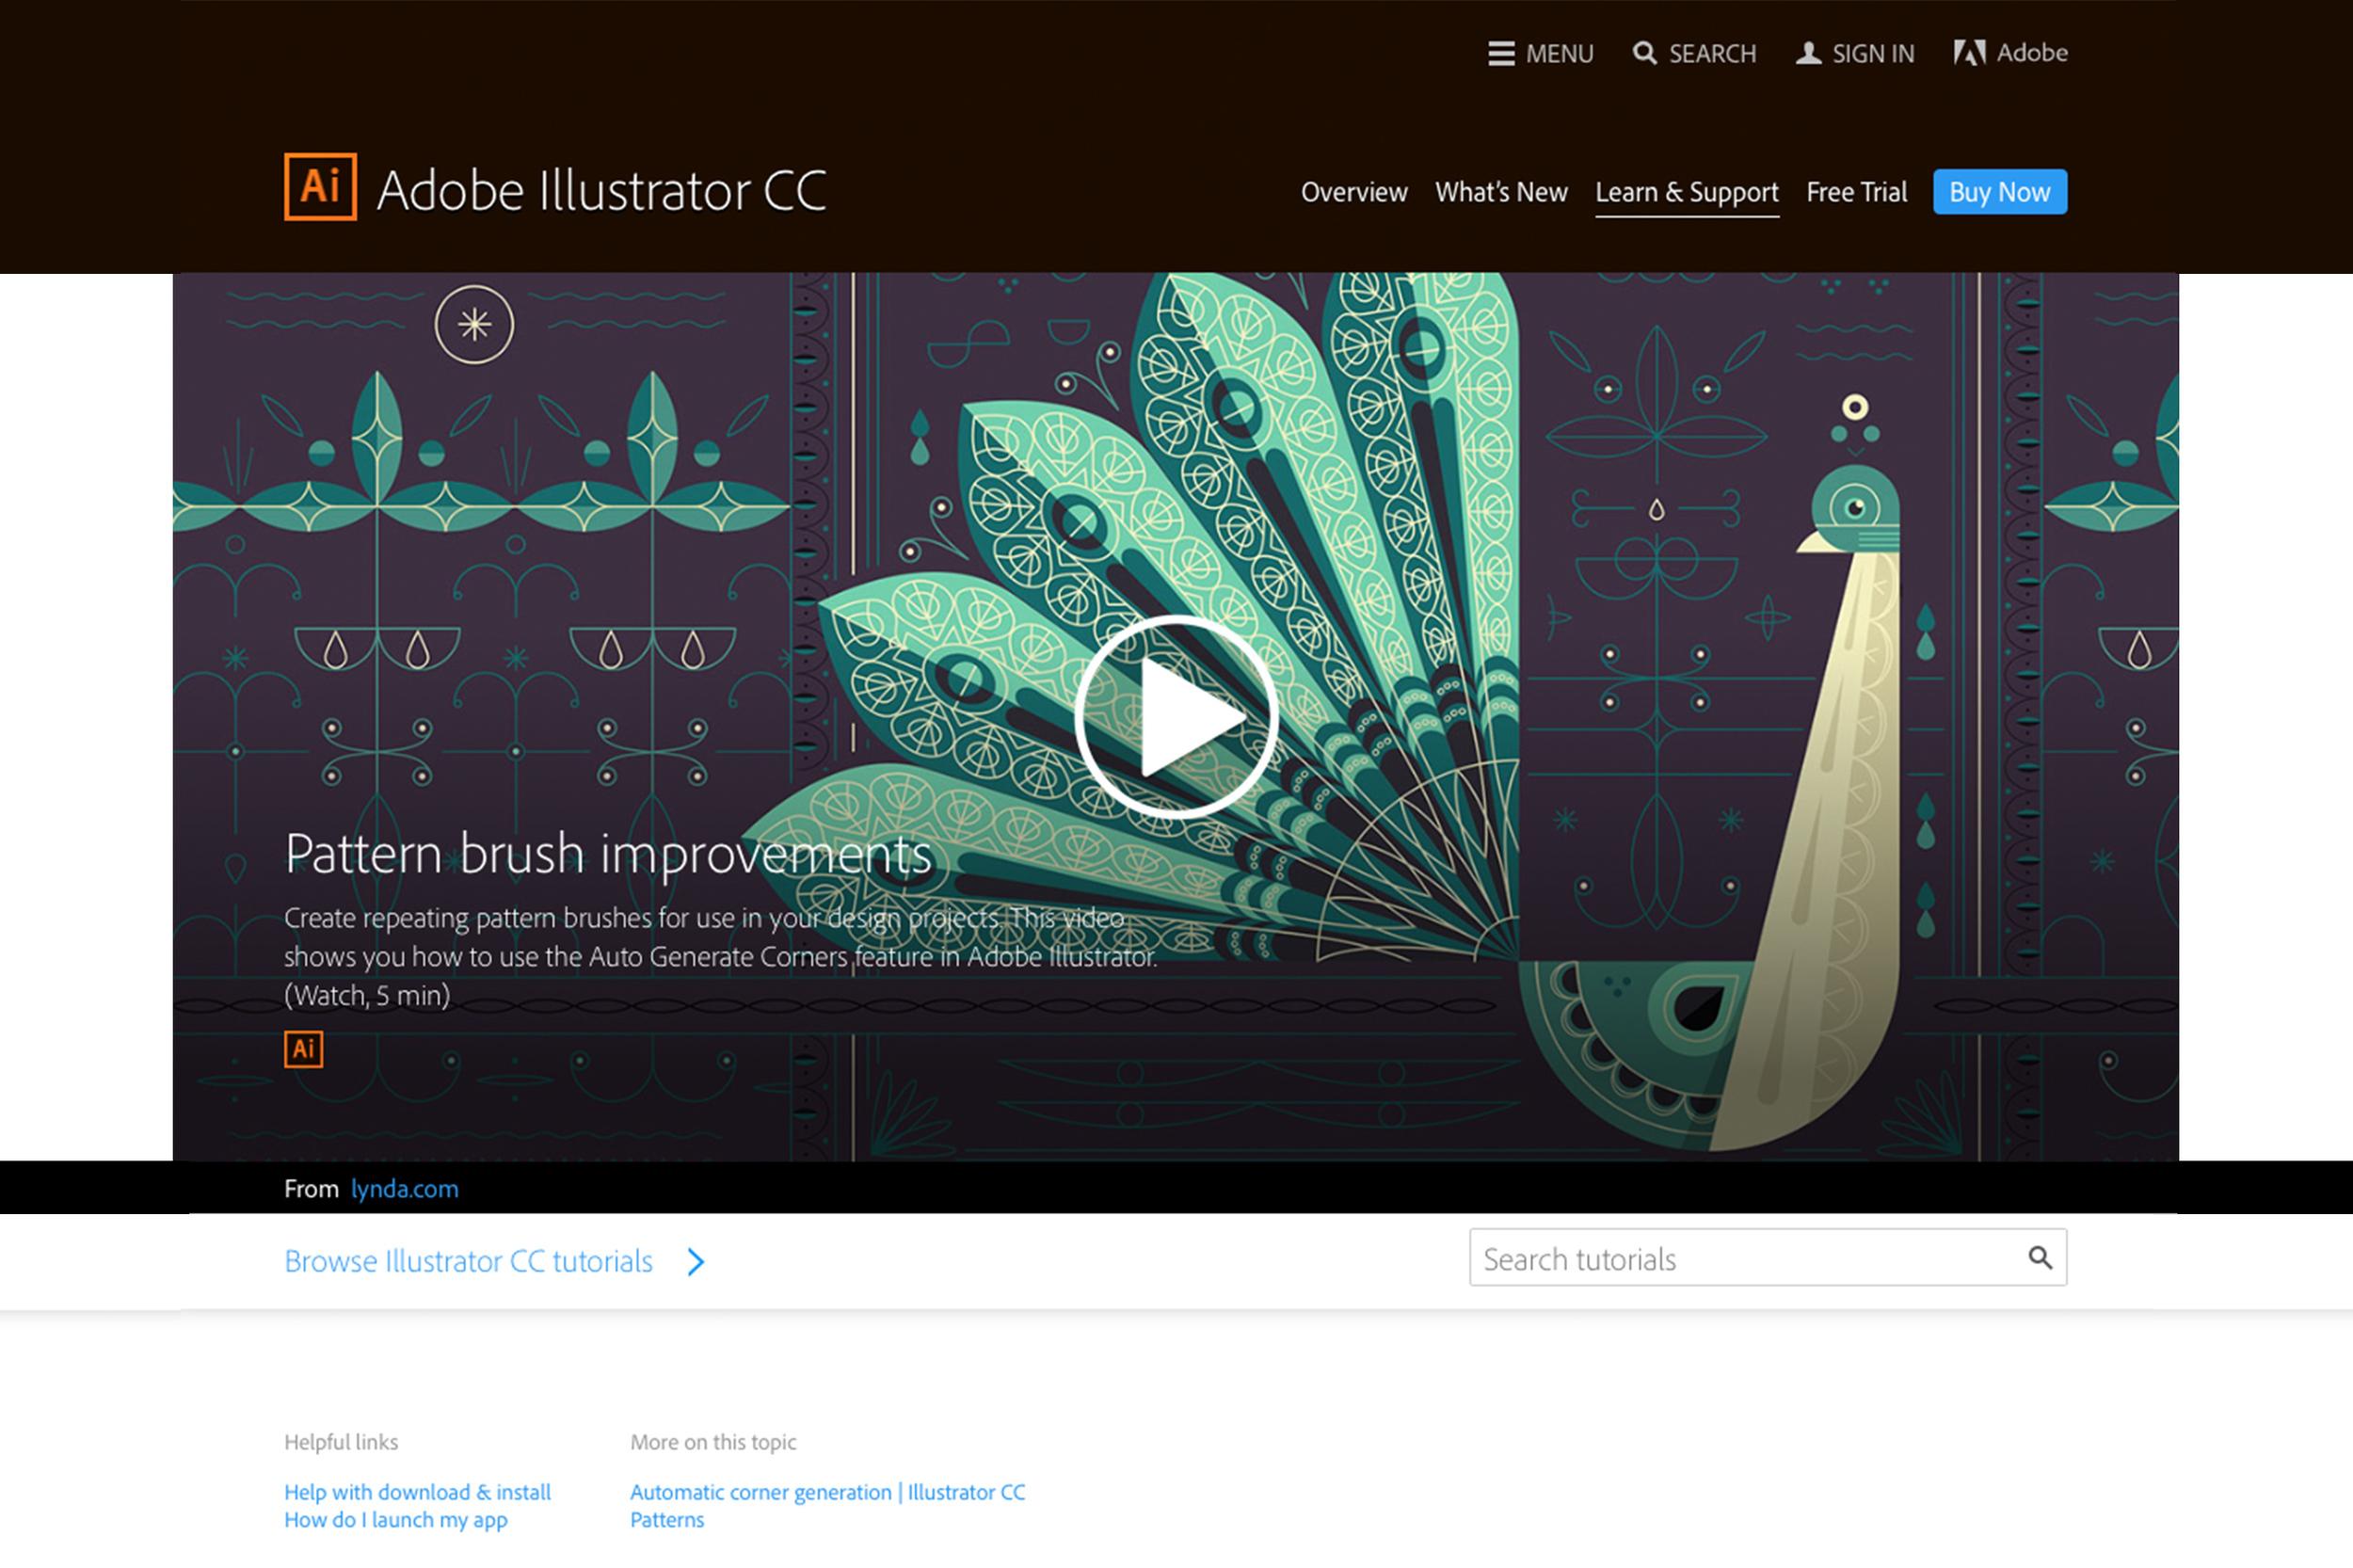 Adobe_1500x1000_4.jpg